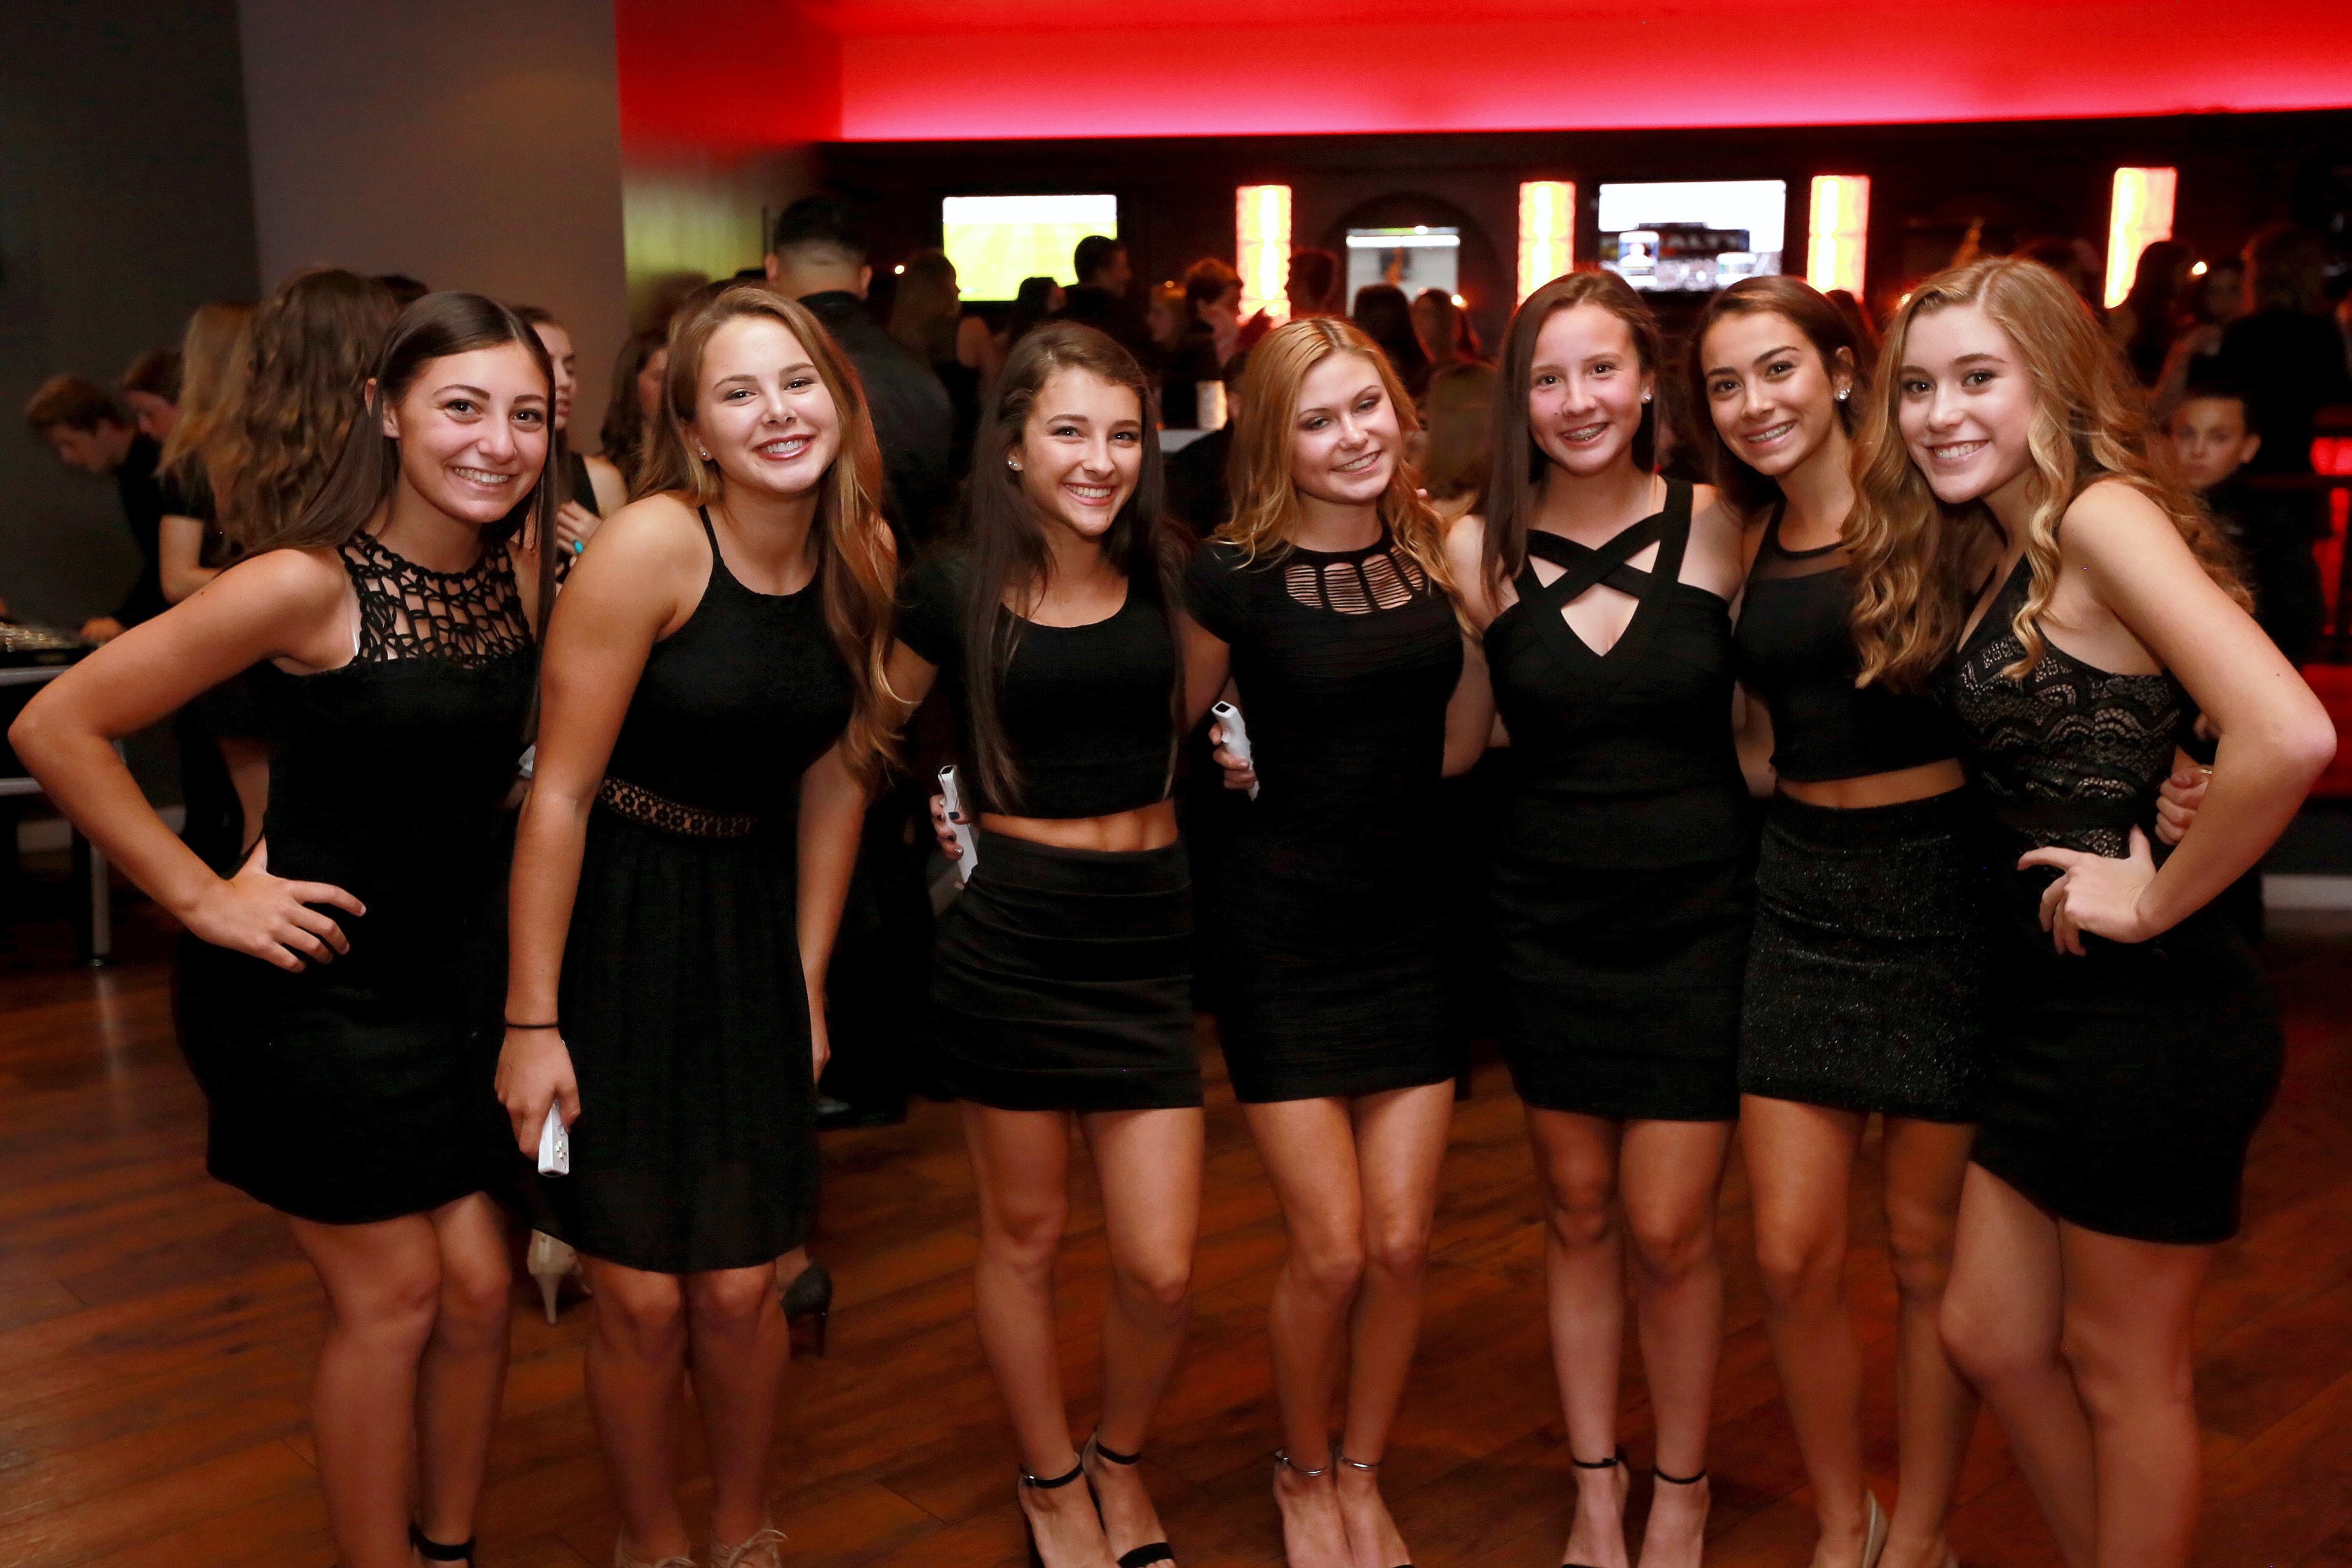 Sweet 16 Jenna's party